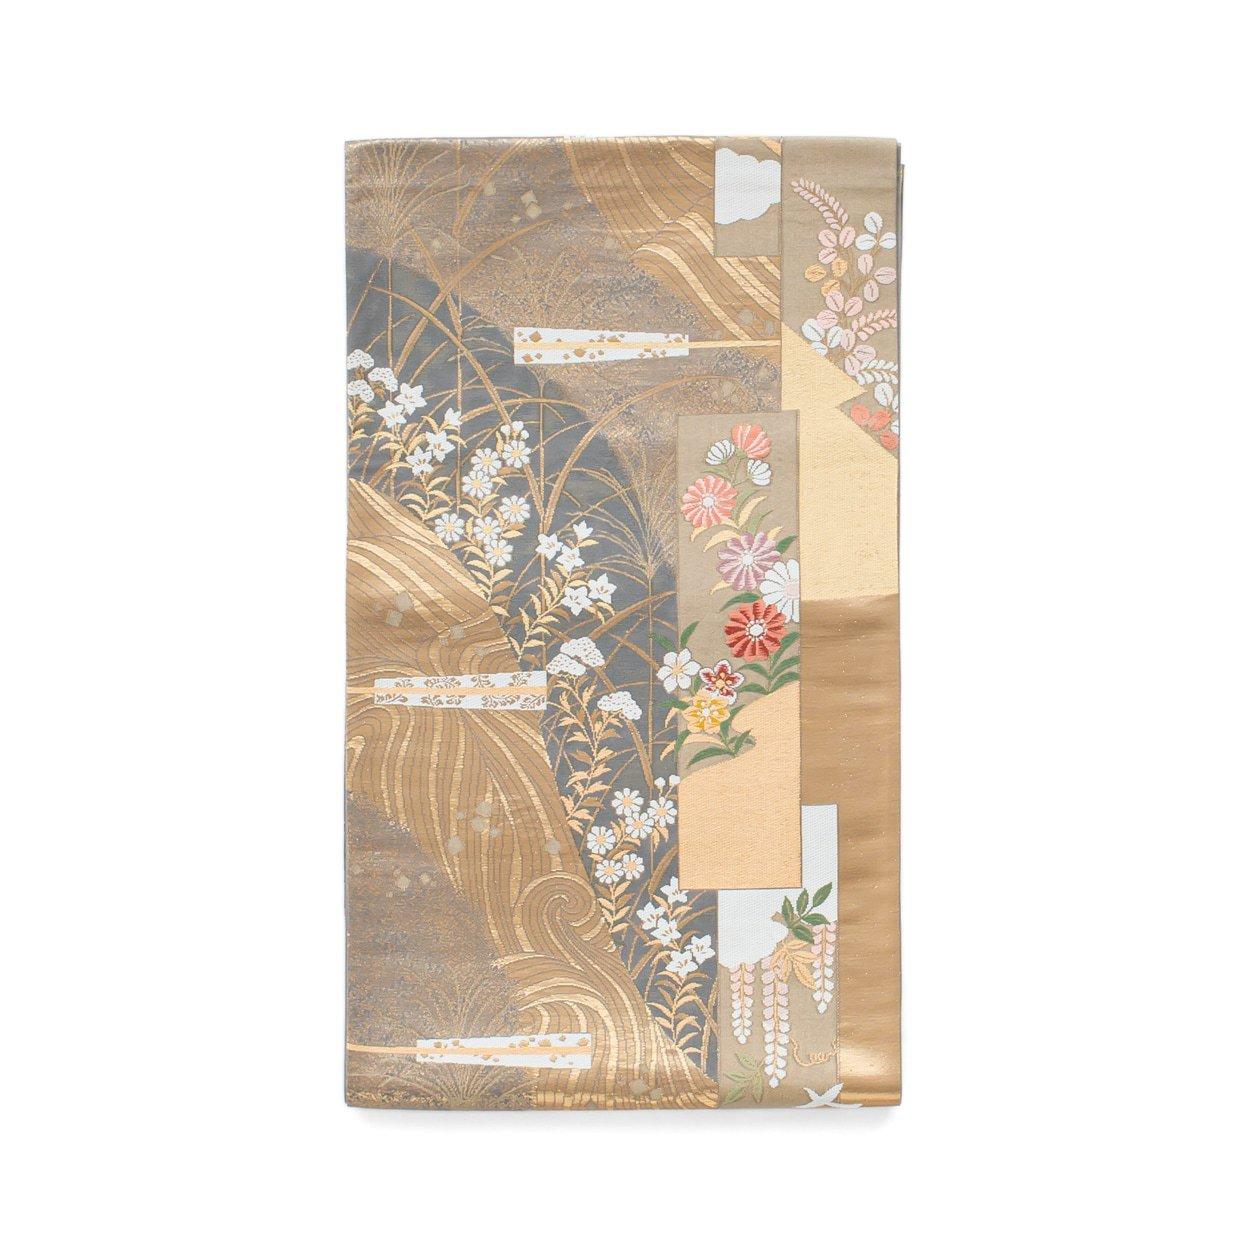 「袋帯●花短冊と扇」の商品画像